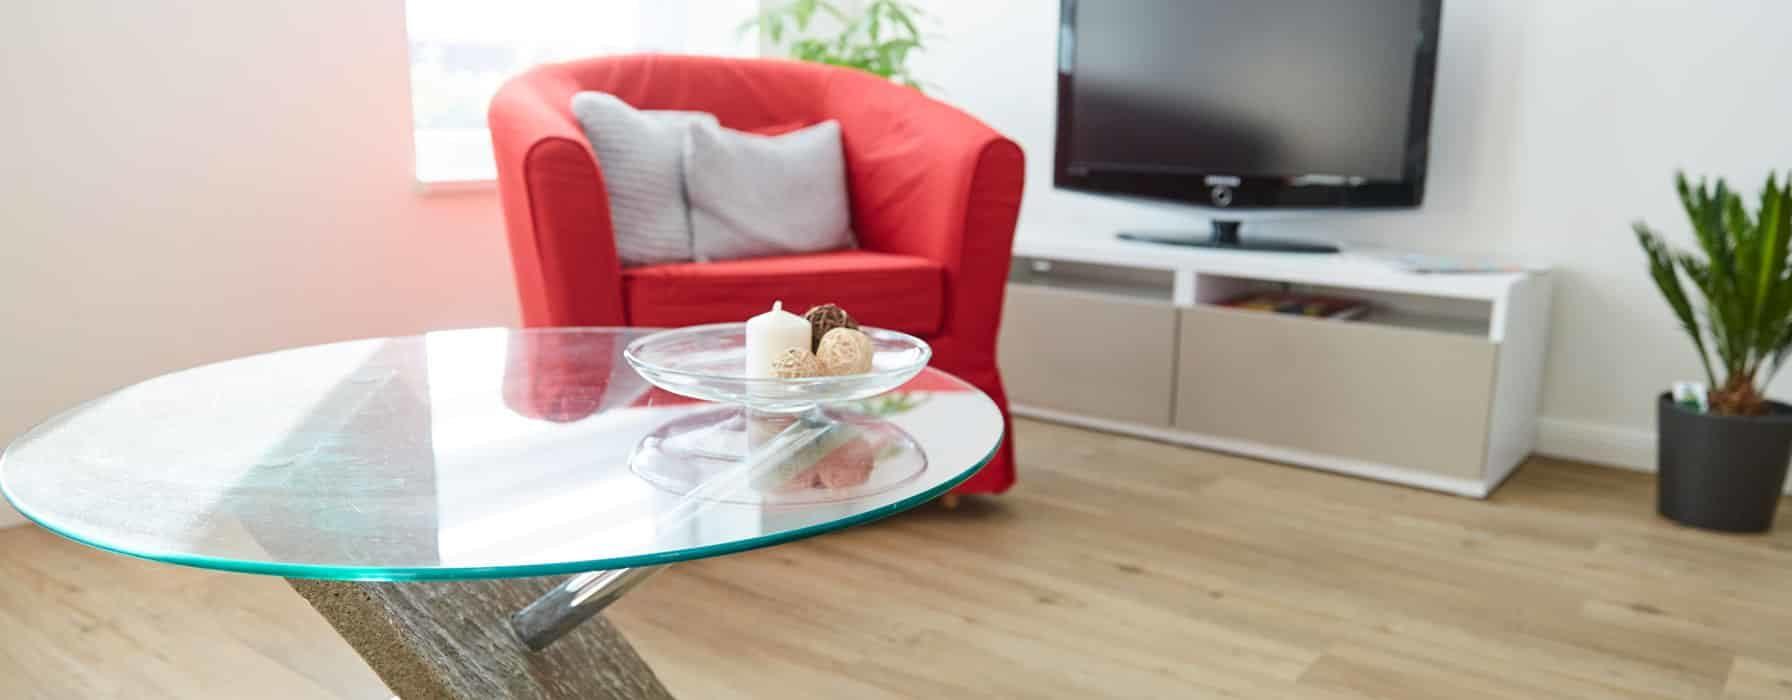 Das Wohnzimmer mit Sideboard und einem Tv Gerät um nach einem langen Tag abschalten zu können.